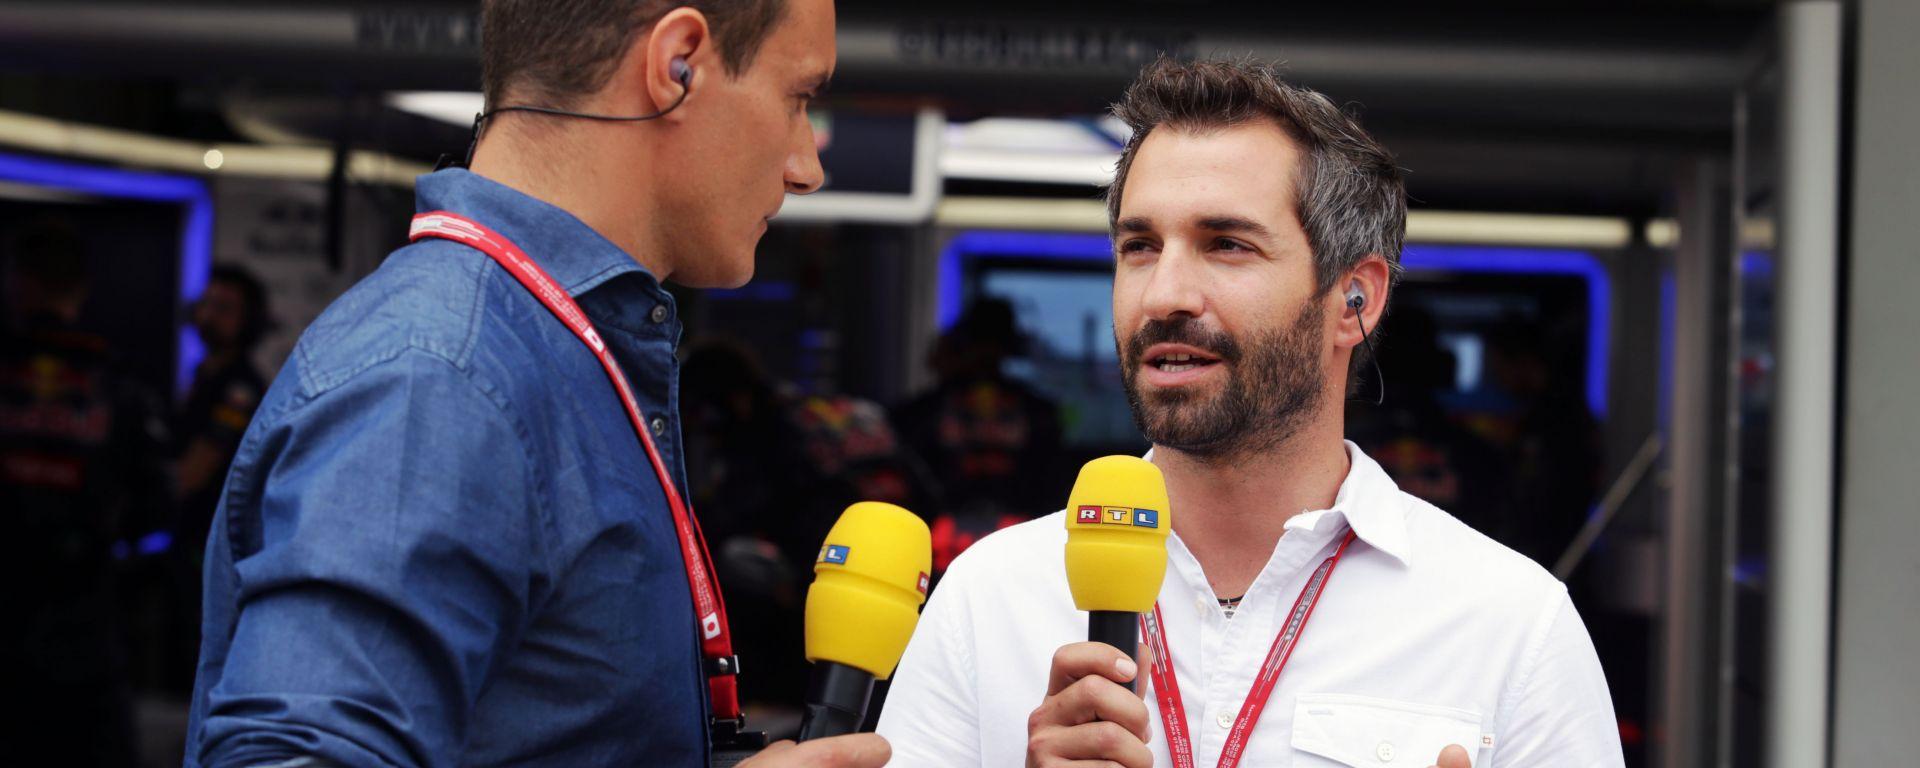 F1, Timo Glock nel ruolo di opinionista per la tv tedesca RTL